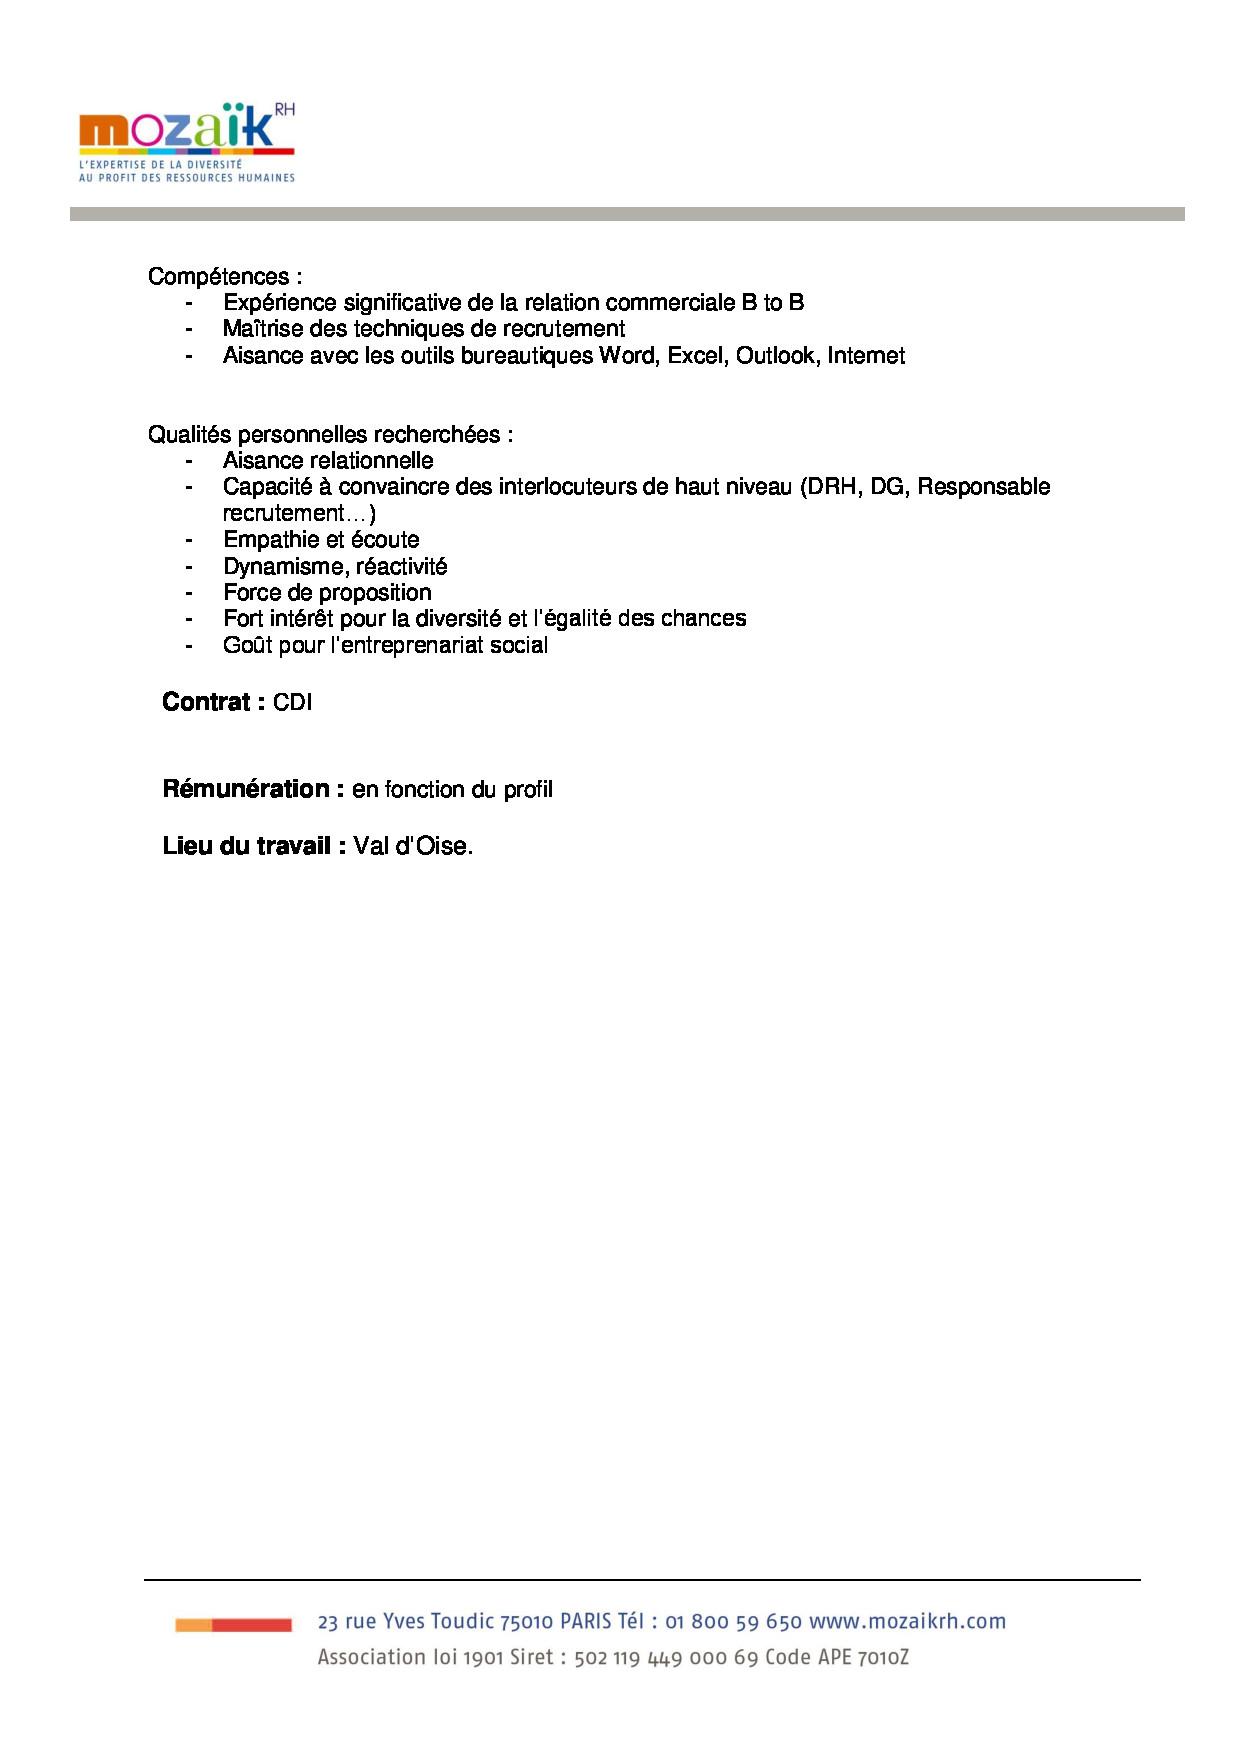 FDP Consultant en recrutement Val d'Oise suite